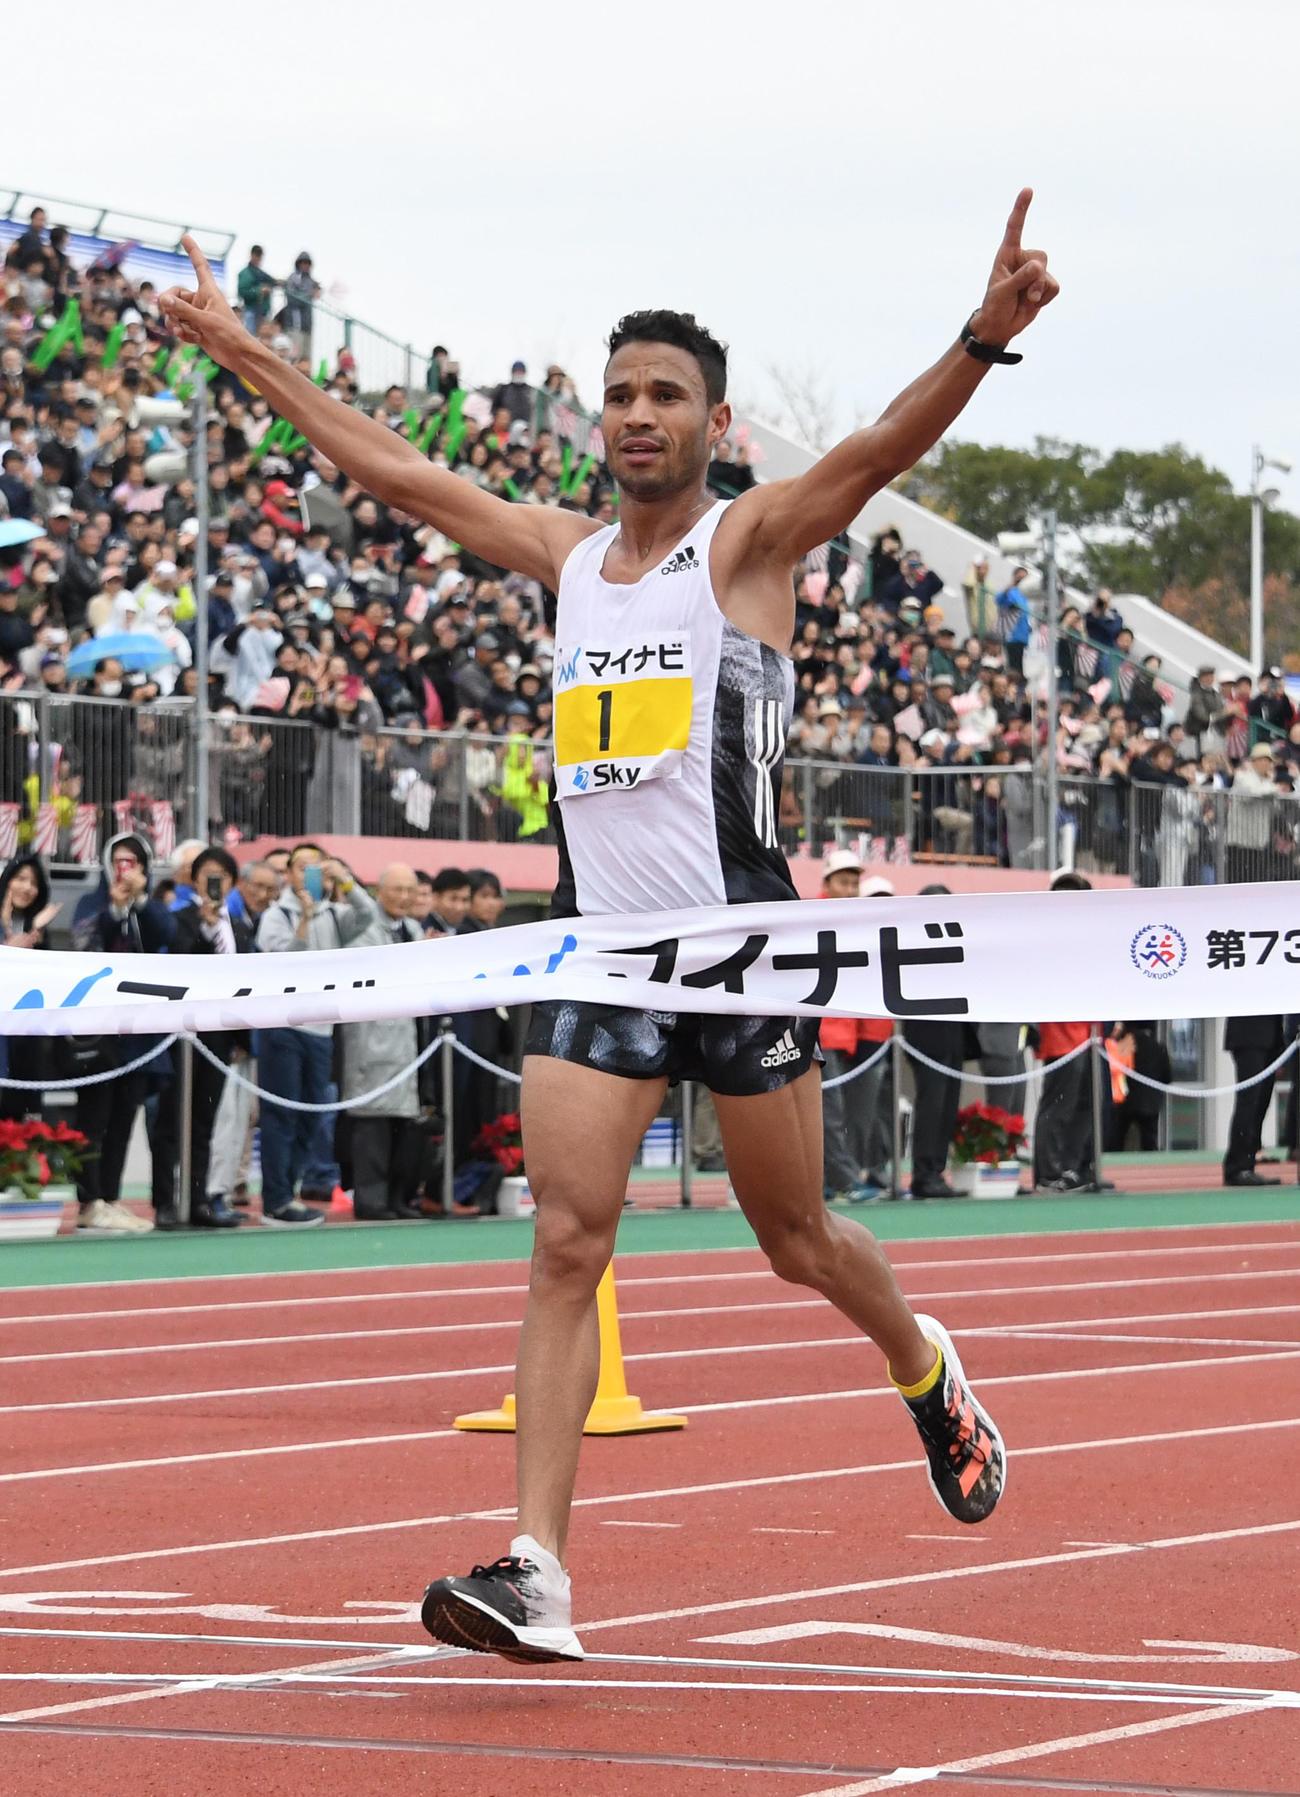 19年12月1日、福岡国際マラソンで優勝したエルマハジューブ・ダザ